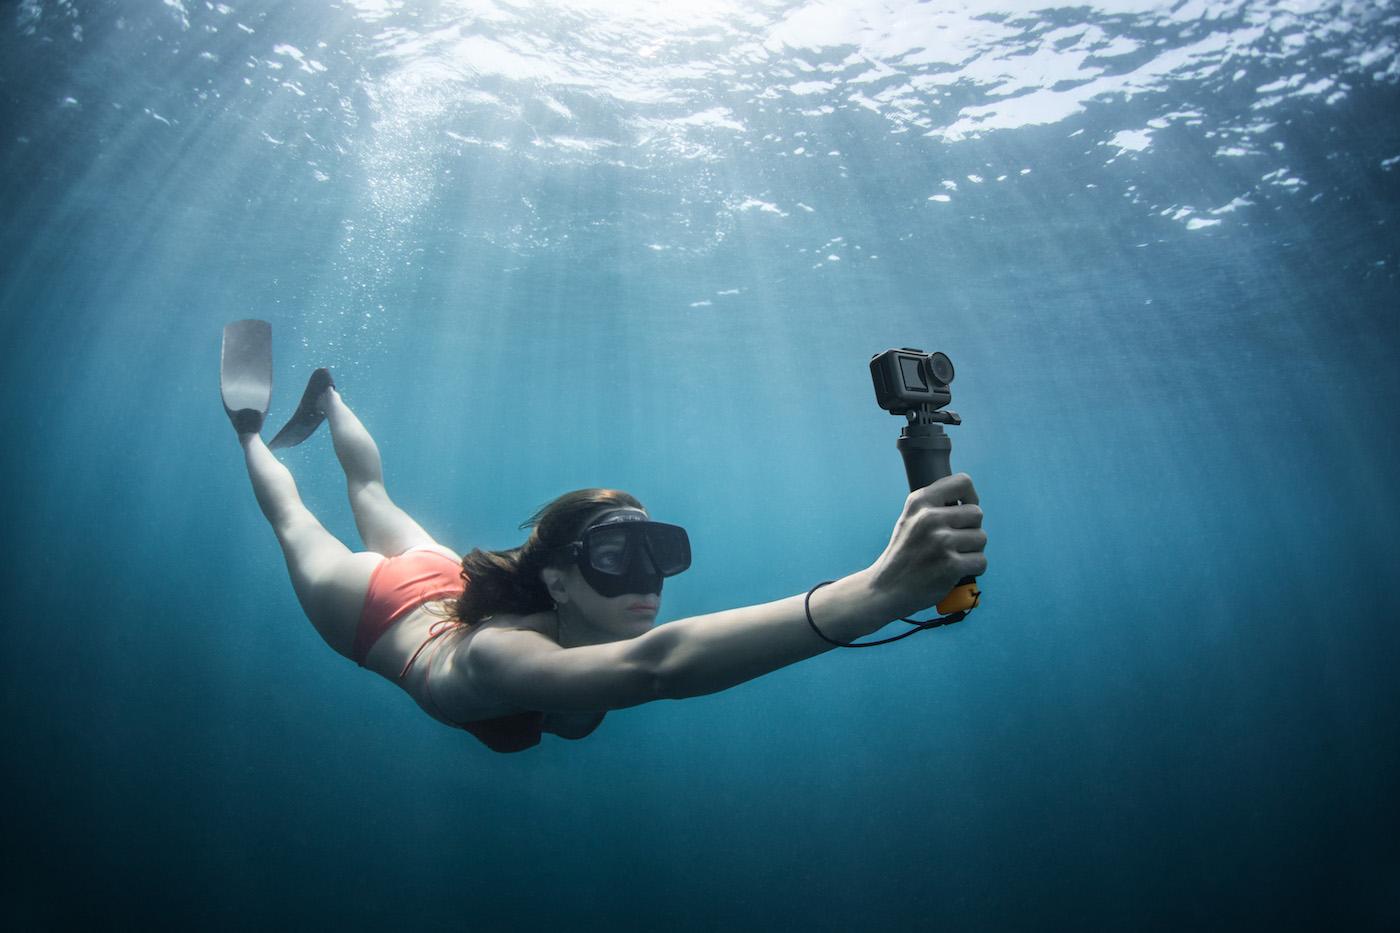 Osmo Action underwater